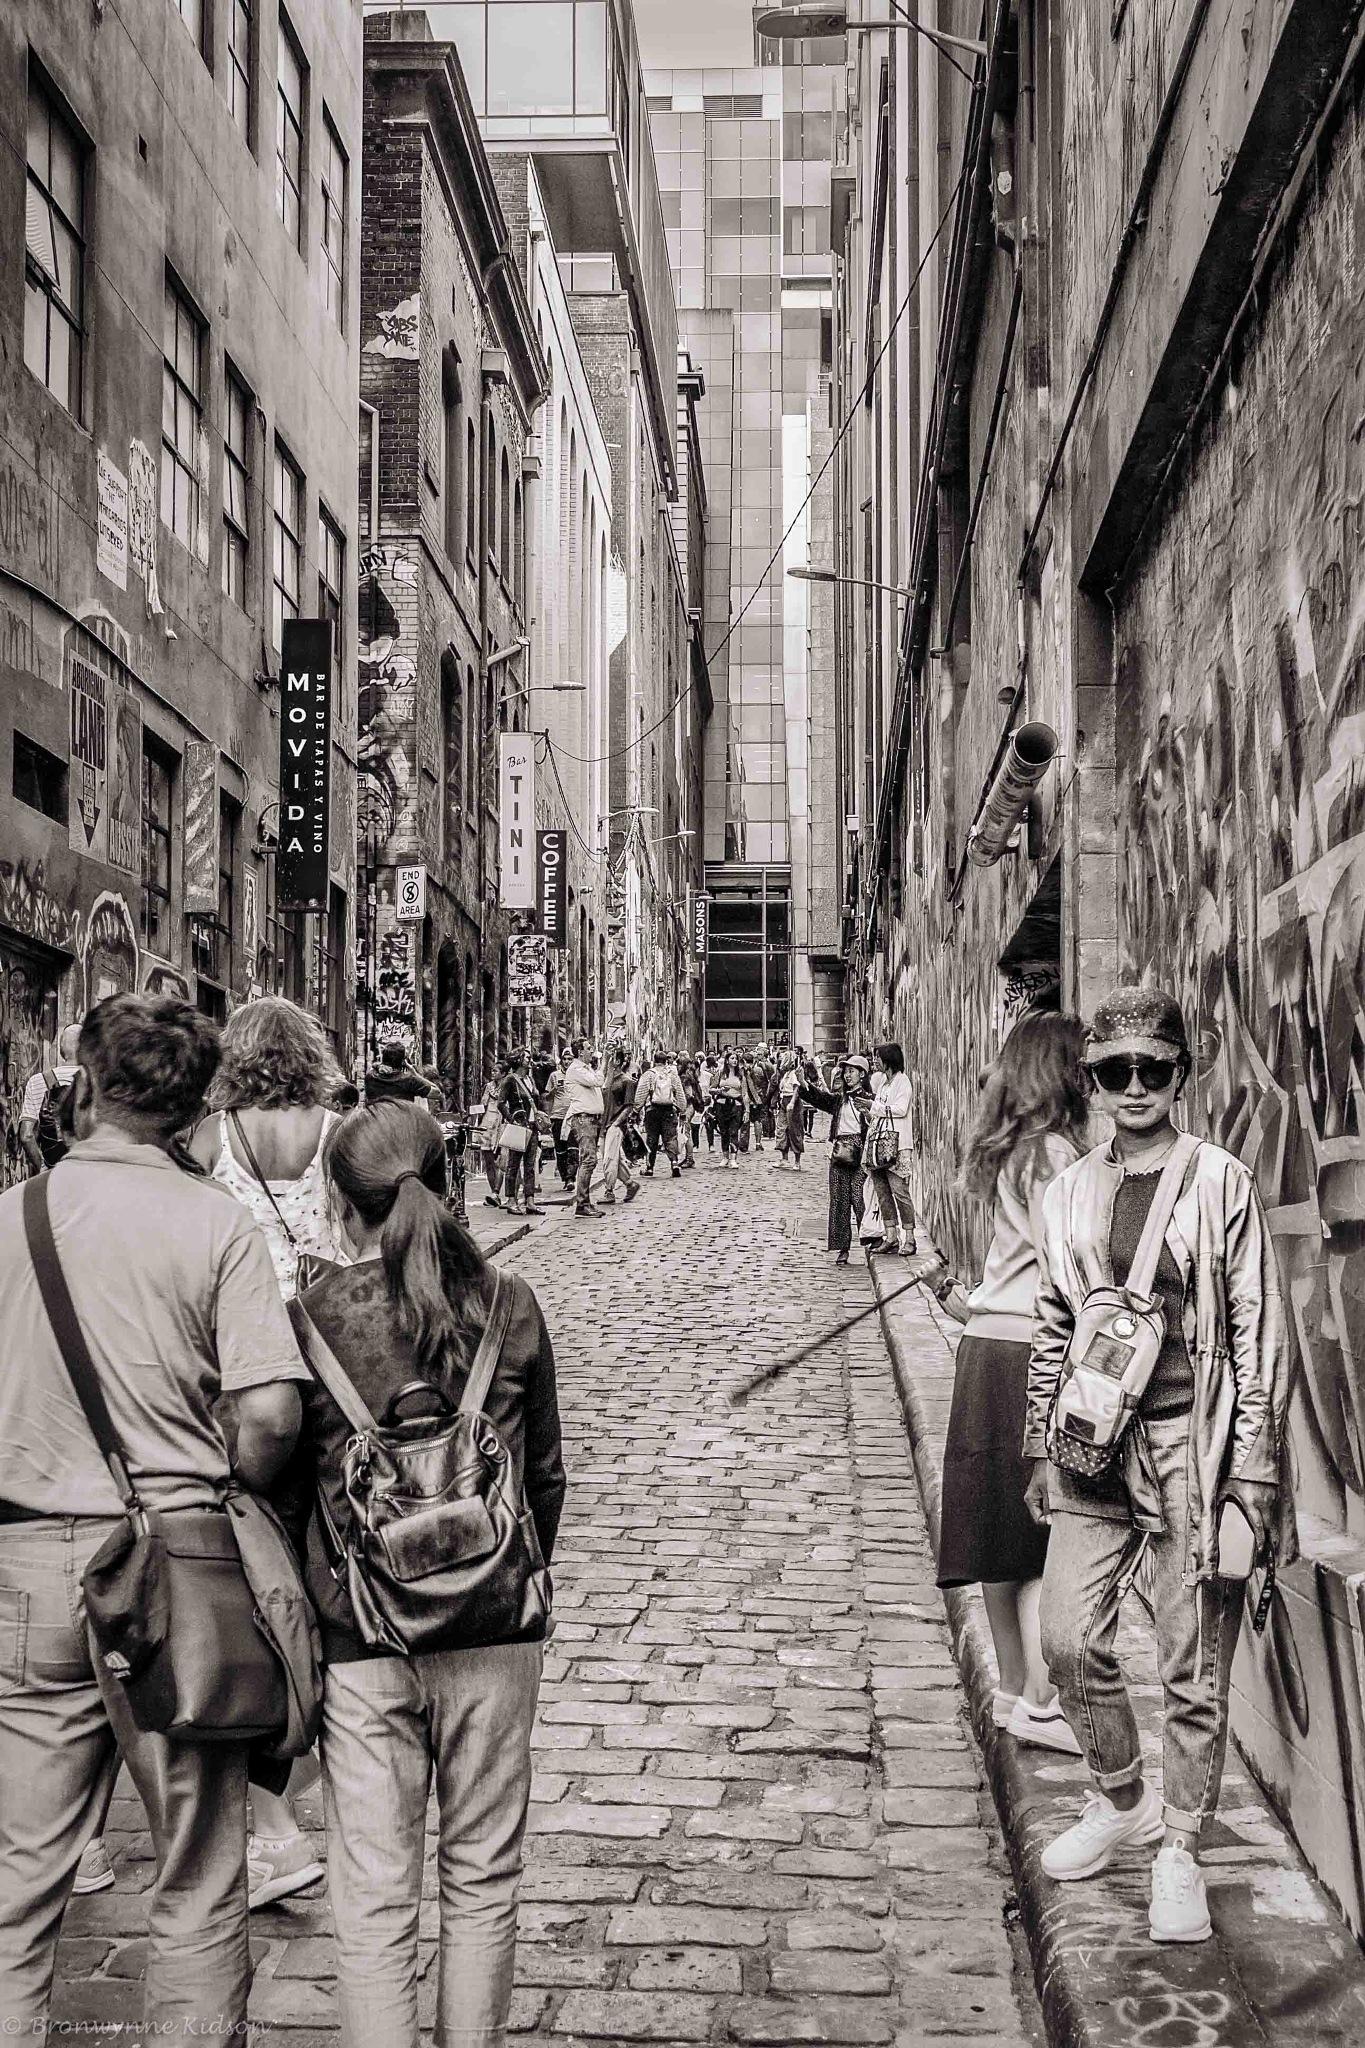 Hosier Lane by Bronwynne Kidson